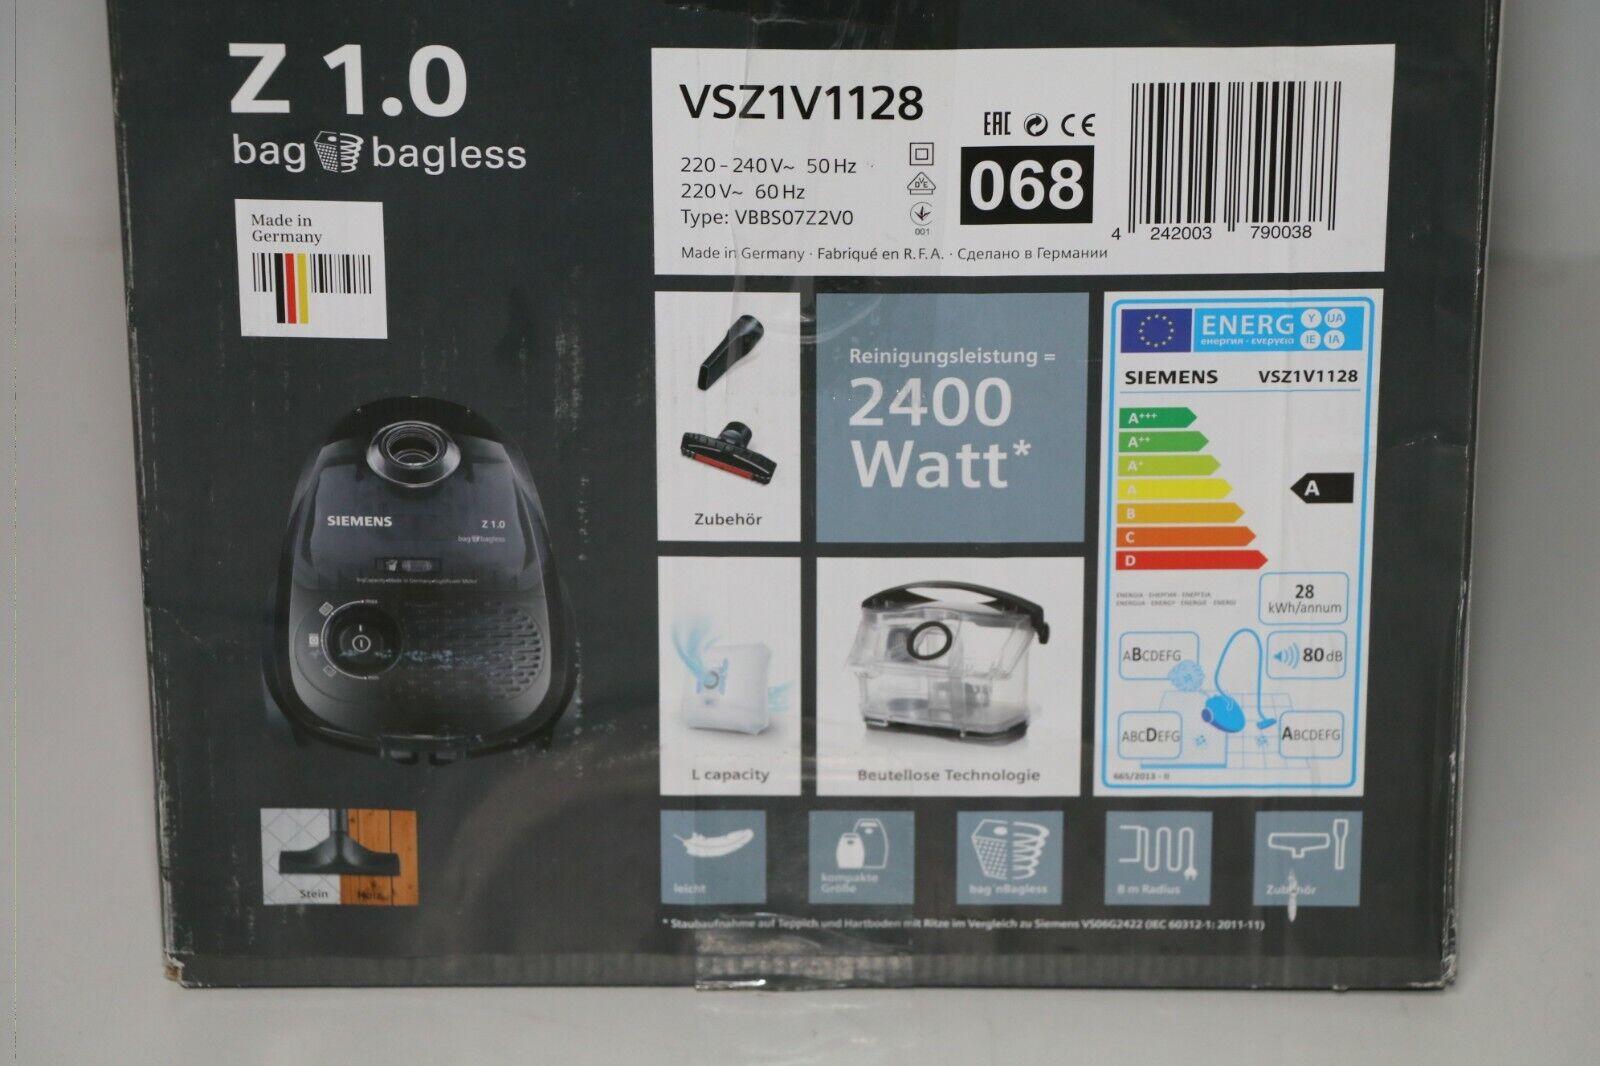 Staubsauger Siemens Z 1.0 blau transparent günstig kaufen   eBay